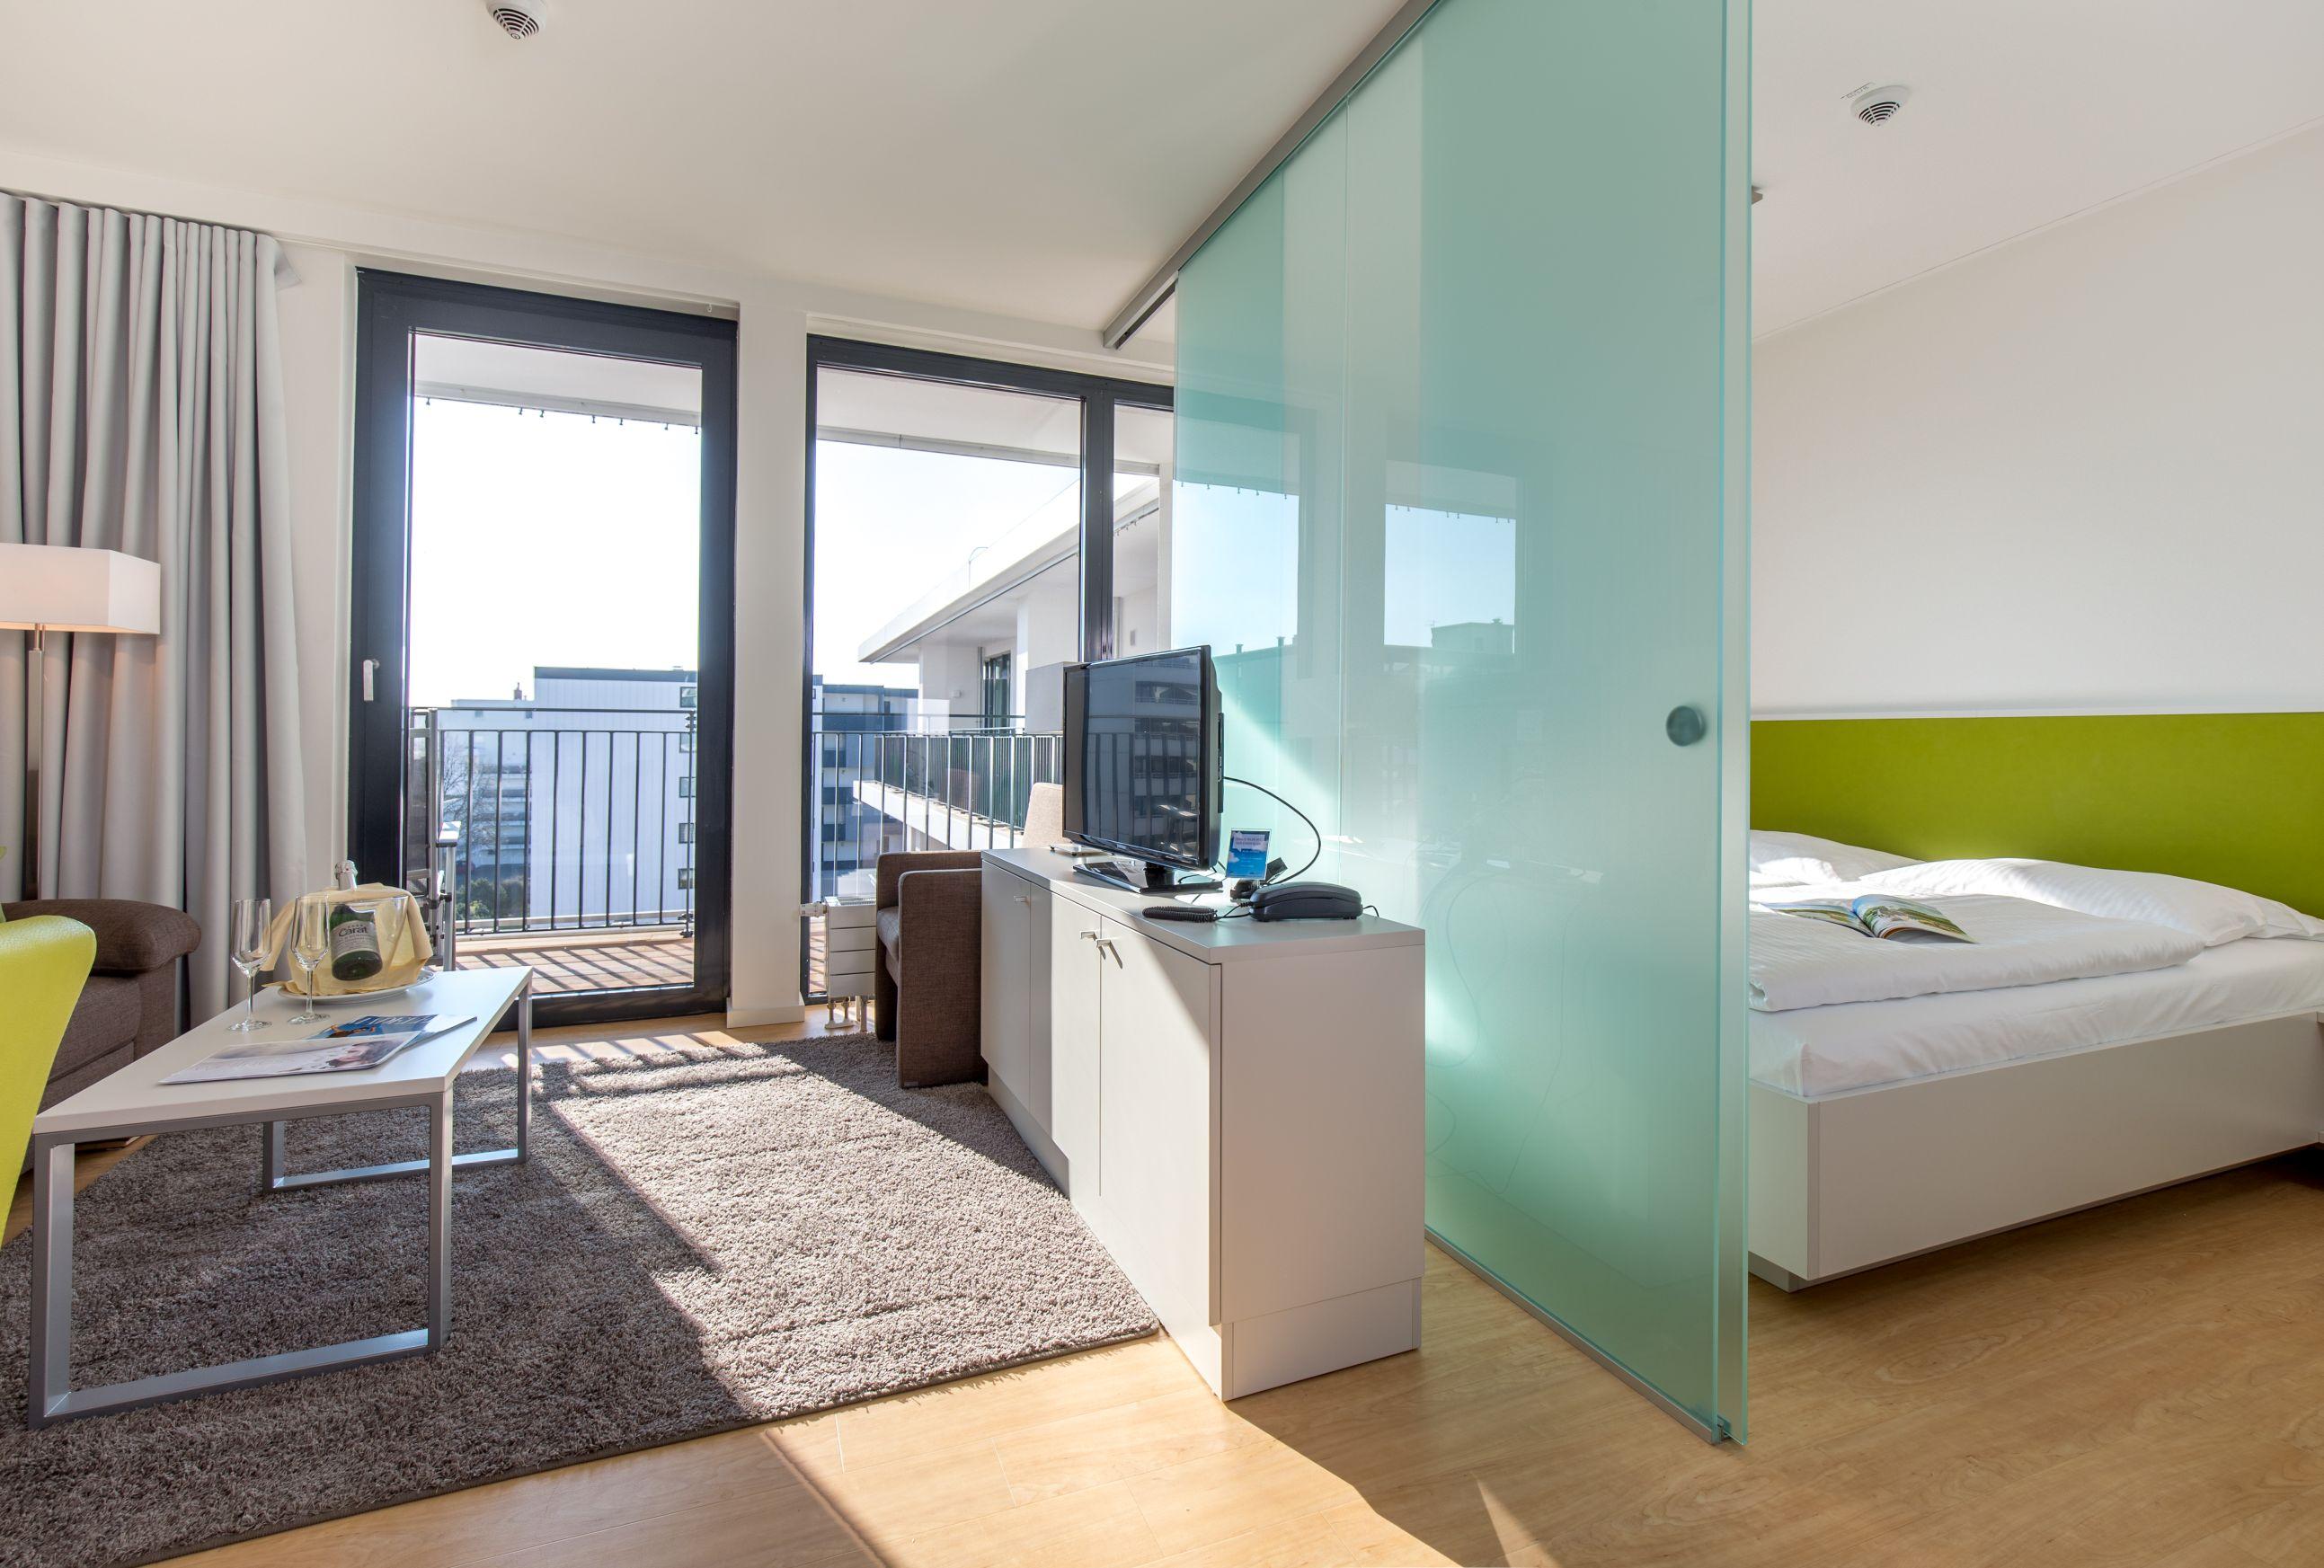 studios mit hotelservice carat residenz. Black Bedroom Furniture Sets. Home Design Ideas